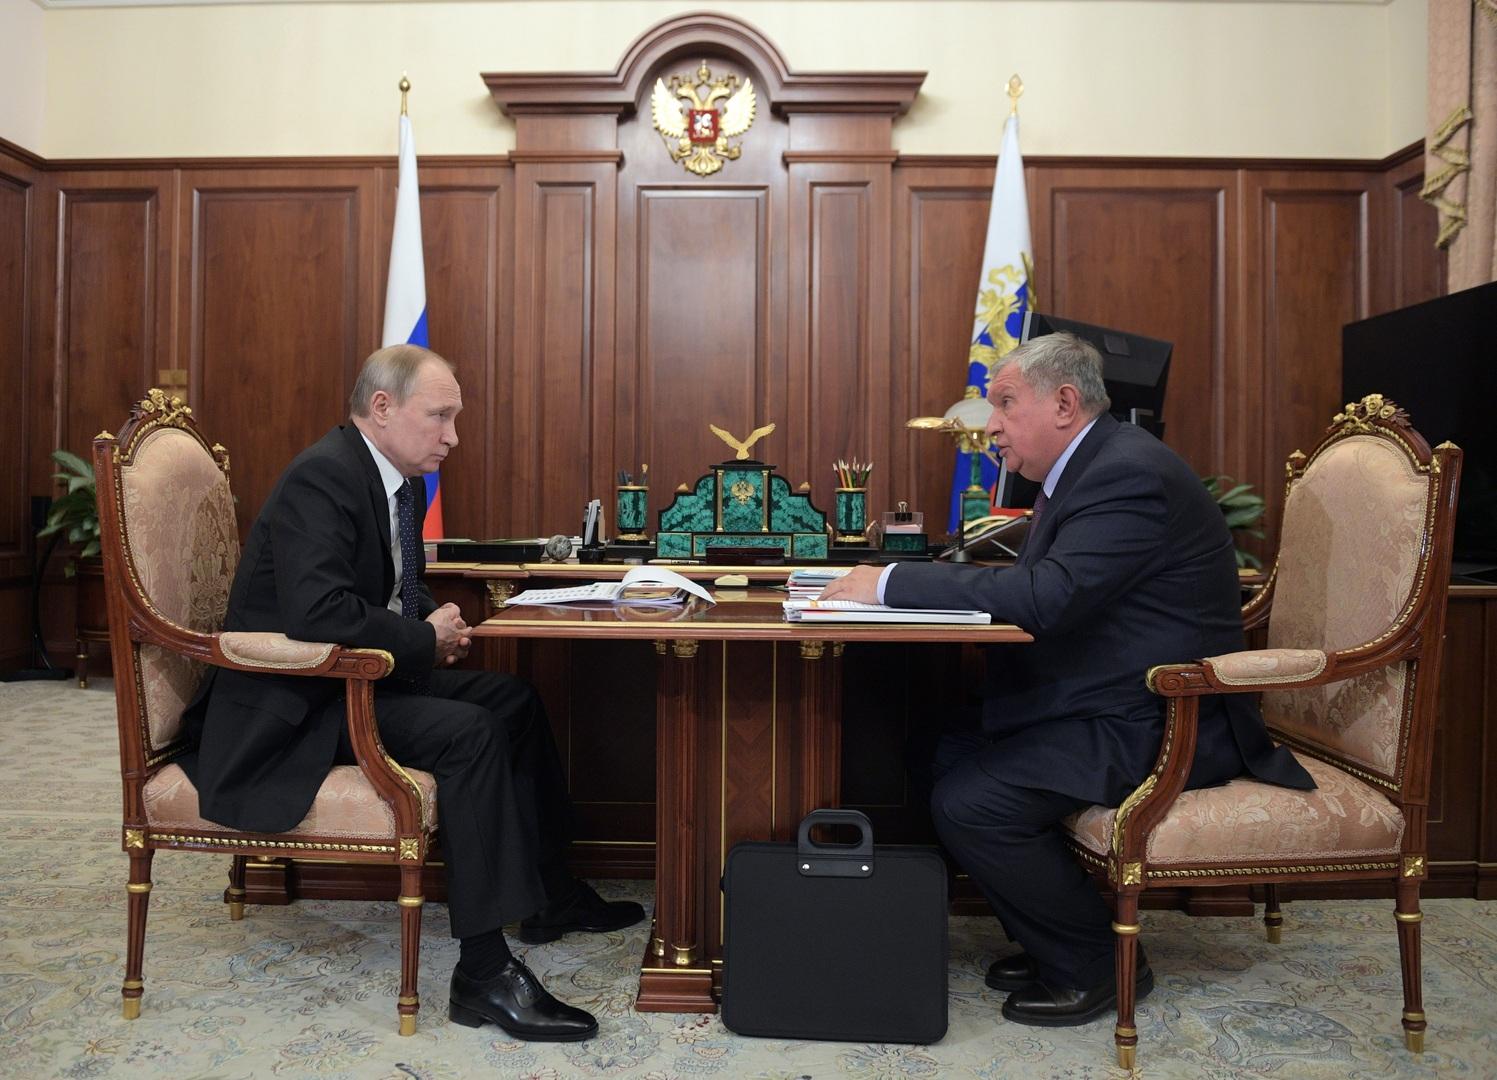 مشروع روسي في منطقة القطب الشمالي سيساهم بنمو الاقتصاد المحلي بـ2% سنويا